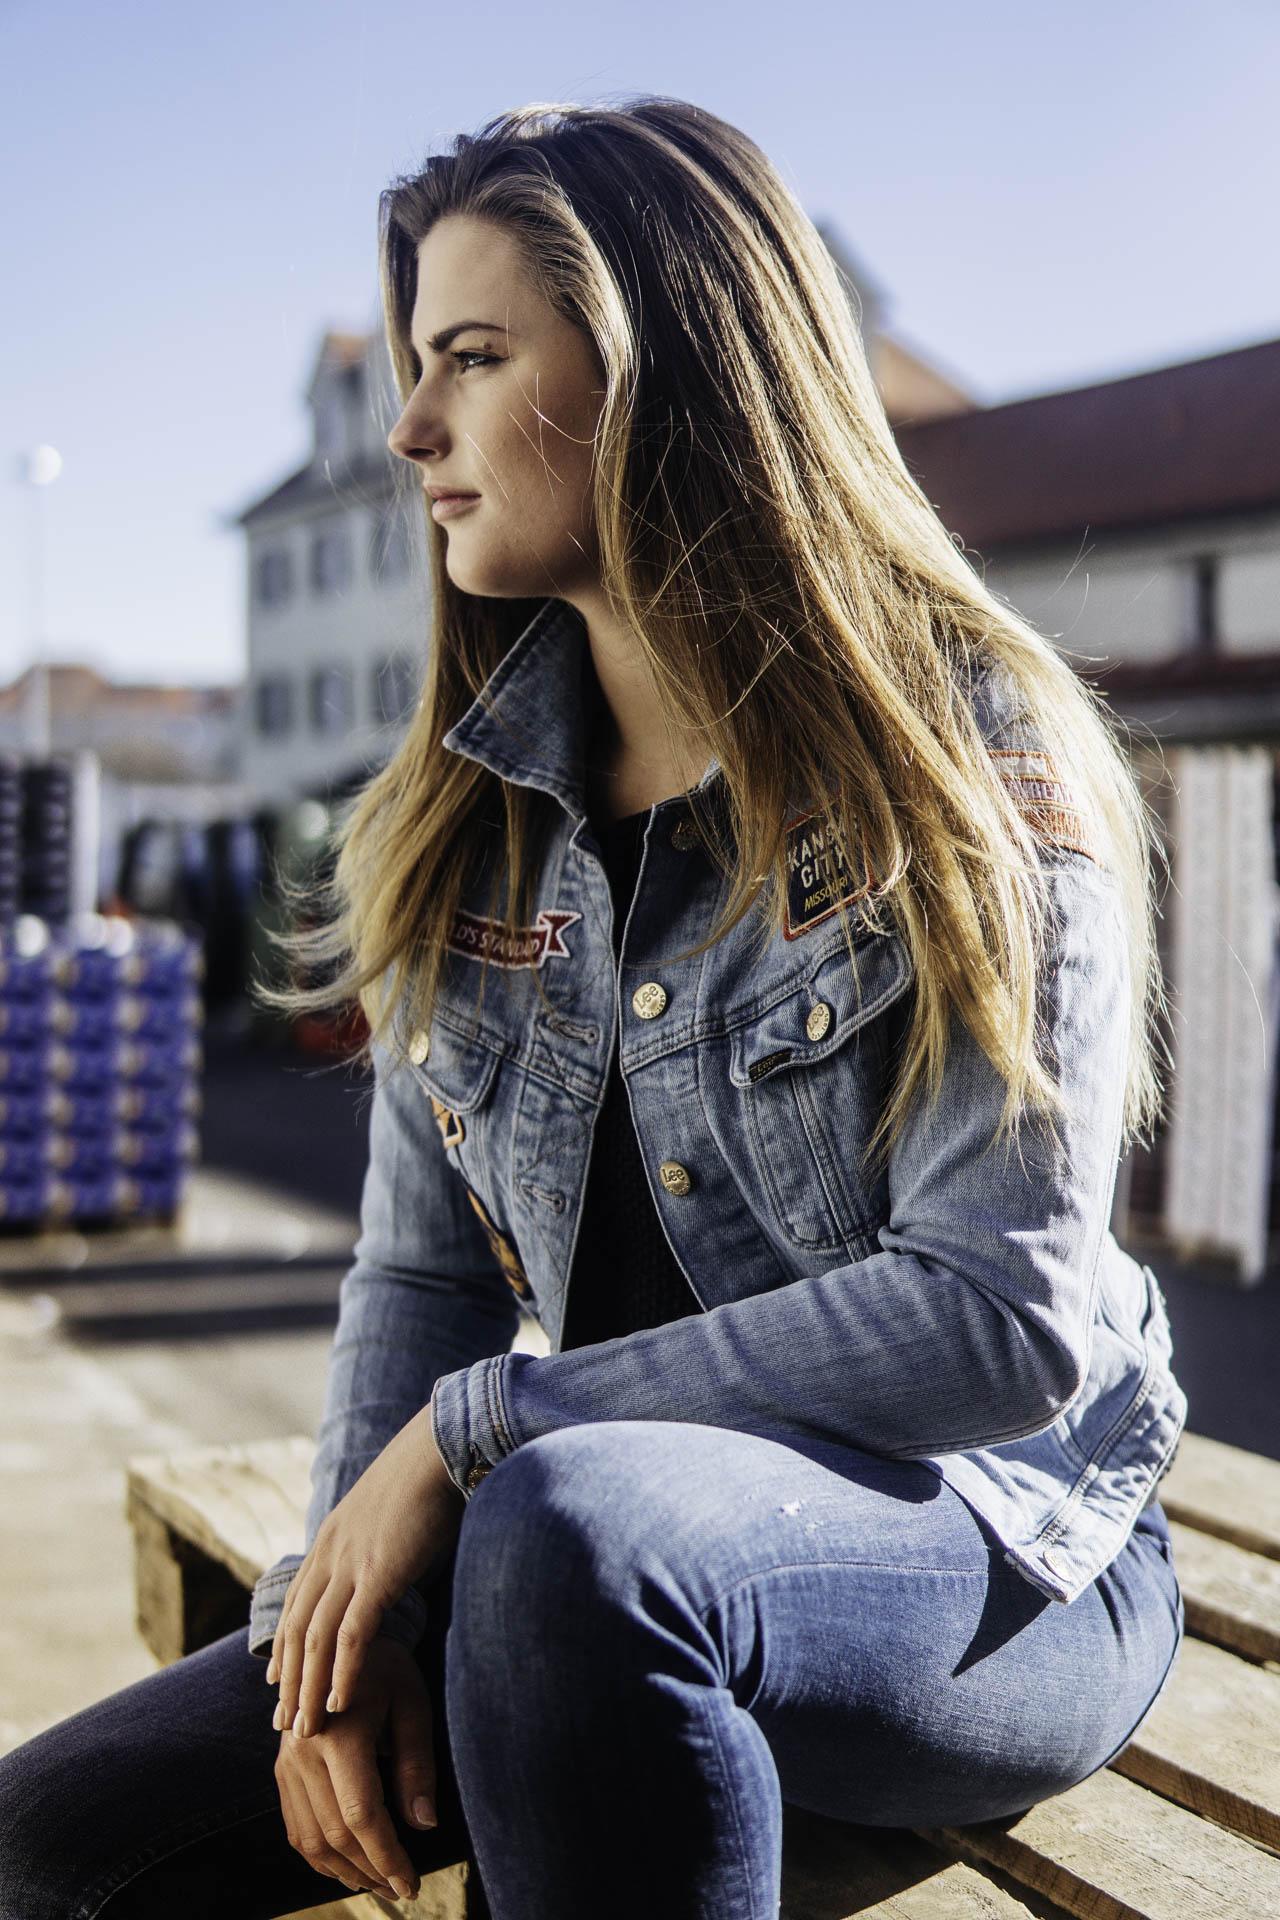 Münchener Model in Jeans Jacke sitzt in der Sonne